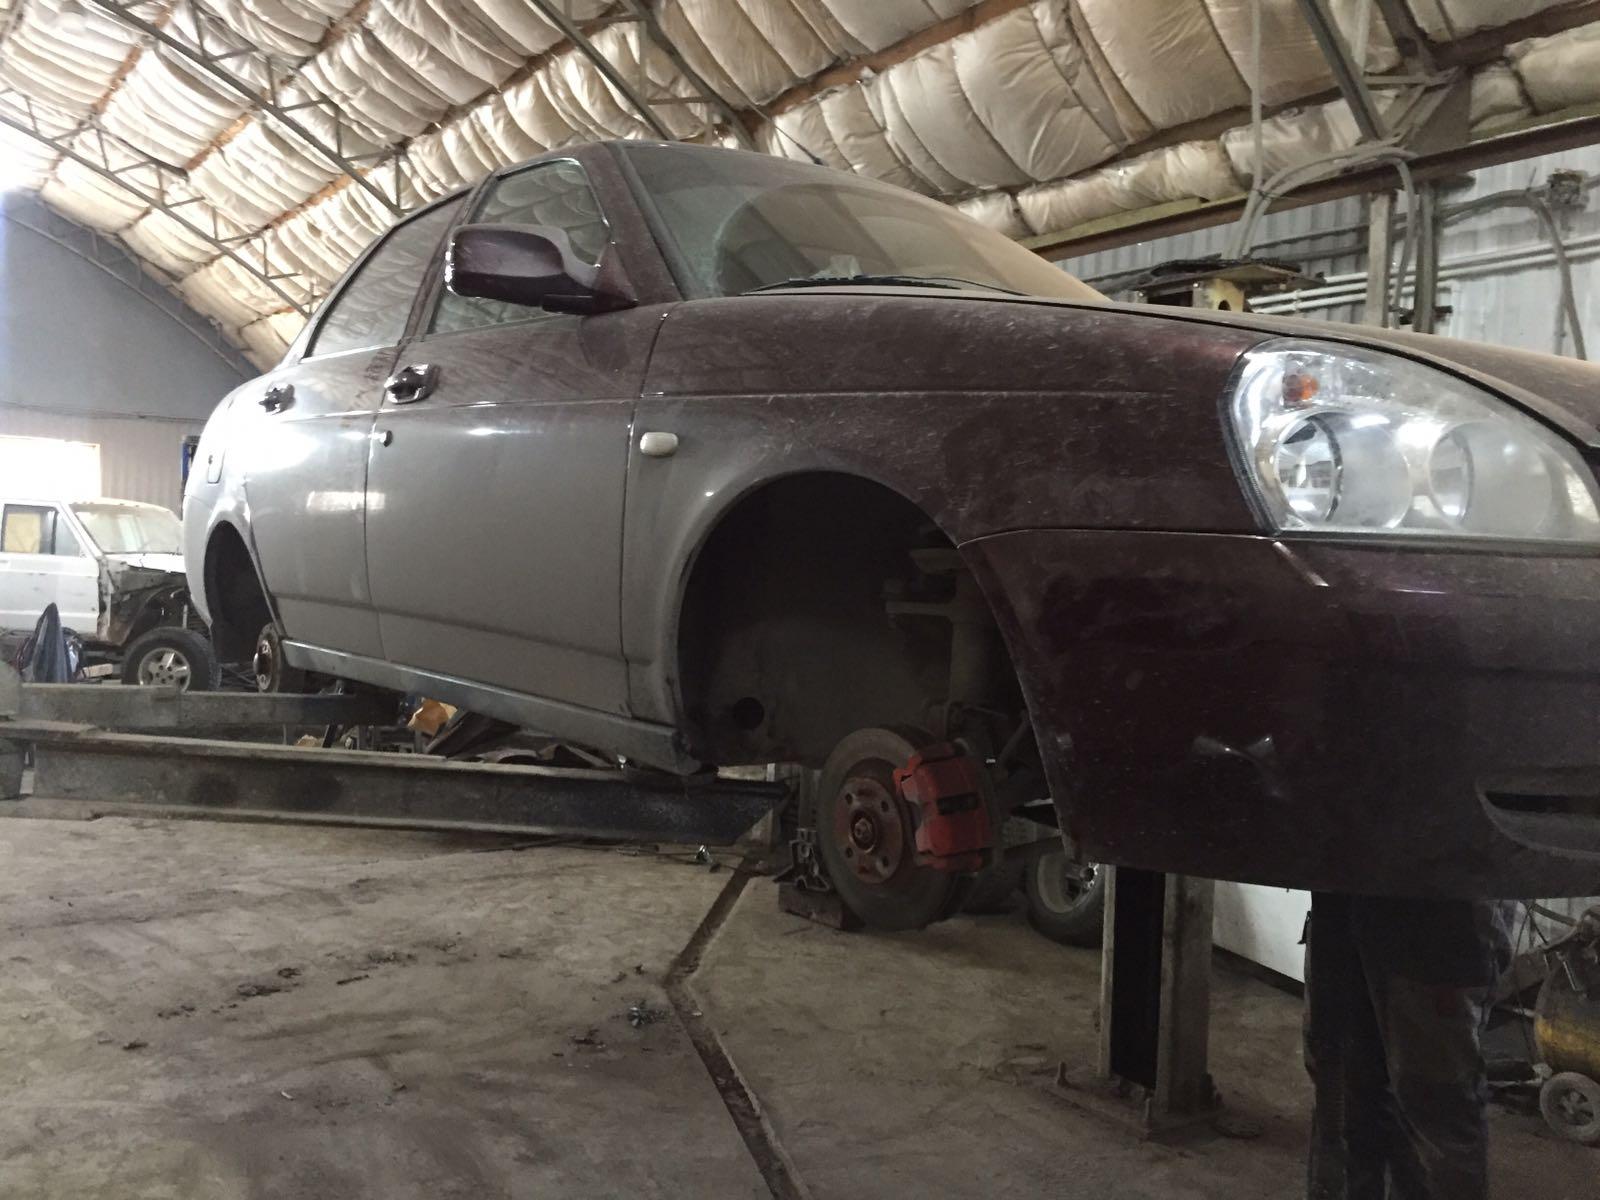 Приора/Priora - Кузовной ремонт и полный антикор - до